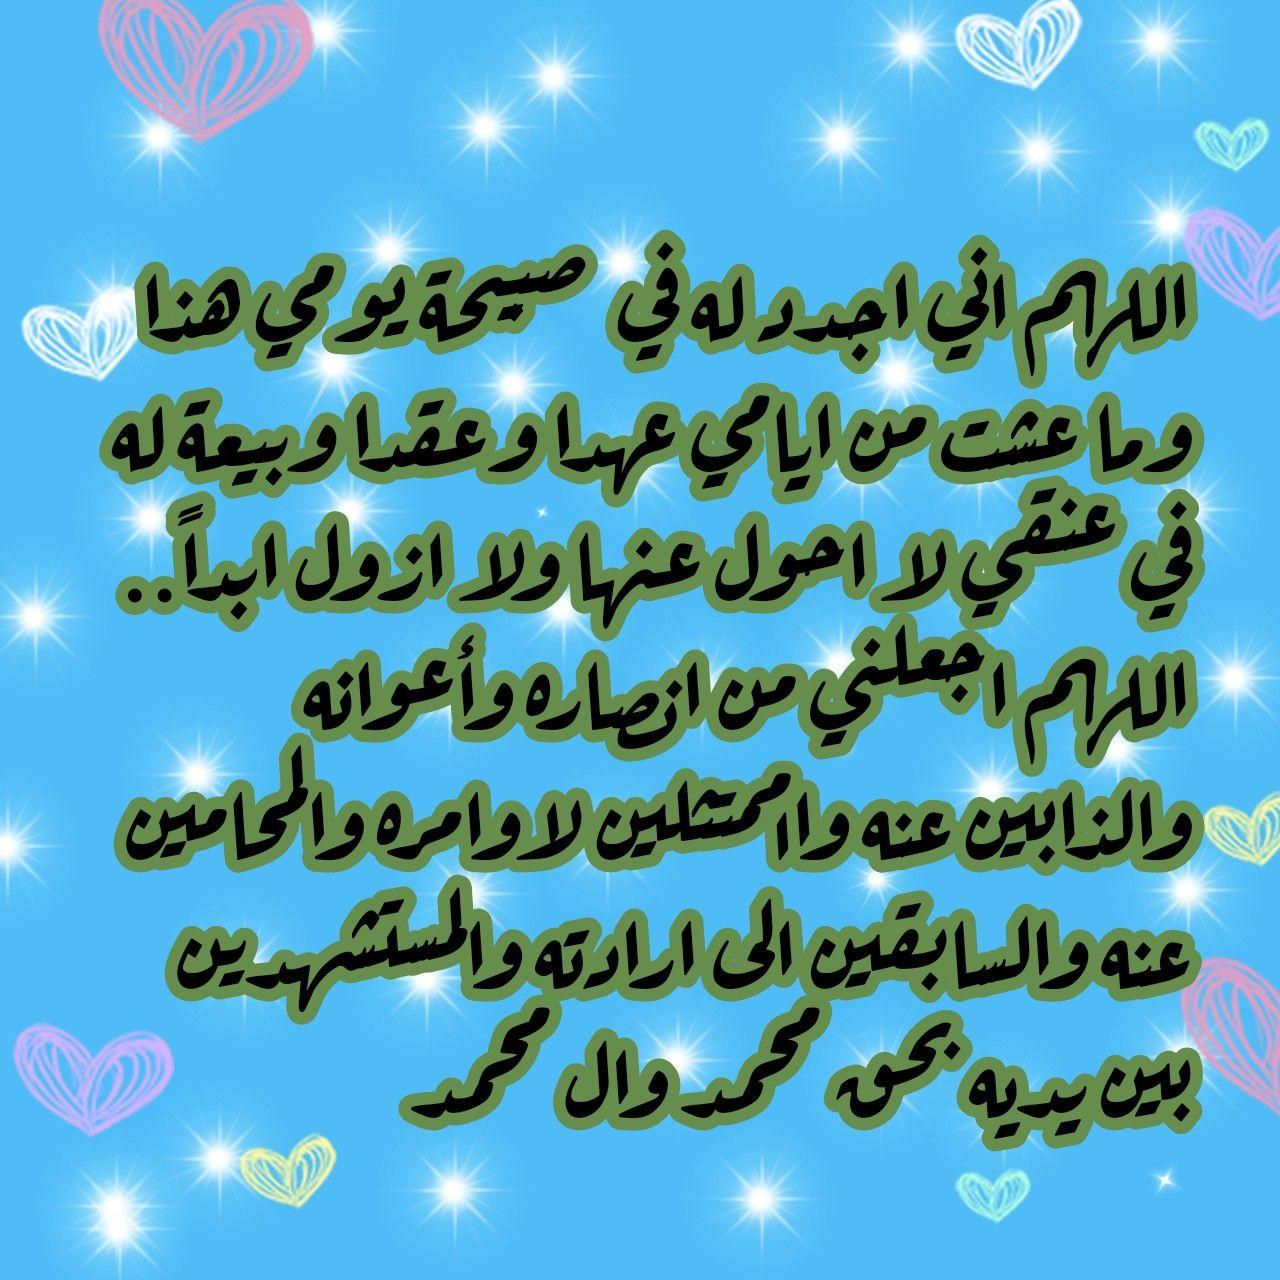 تجديد البيعة Arabic Calligraphy Calligraphy